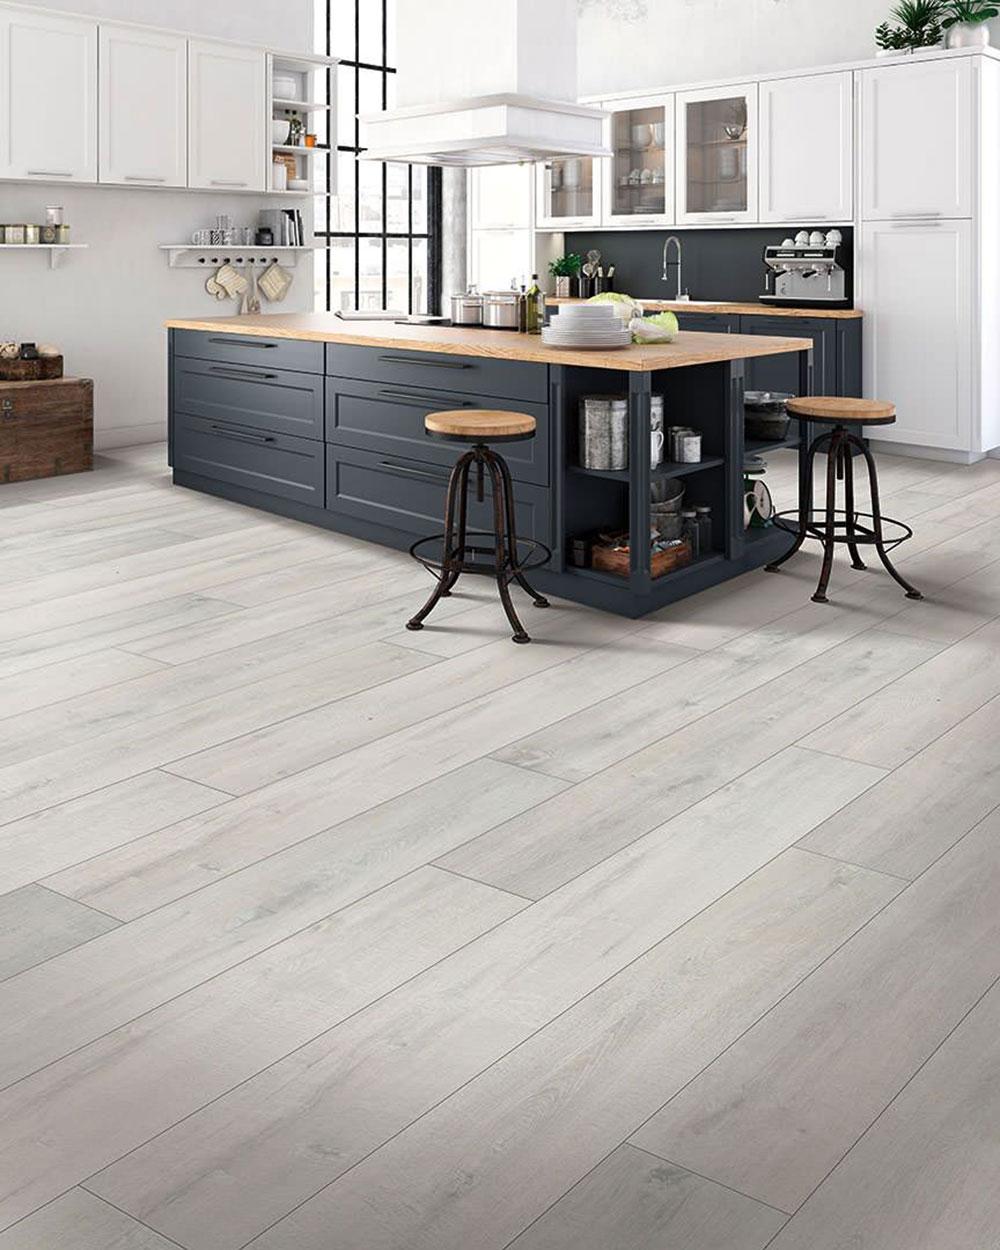 The Best Waterproof Laminate Flooring, Waterproof Laminate Flooring Brands